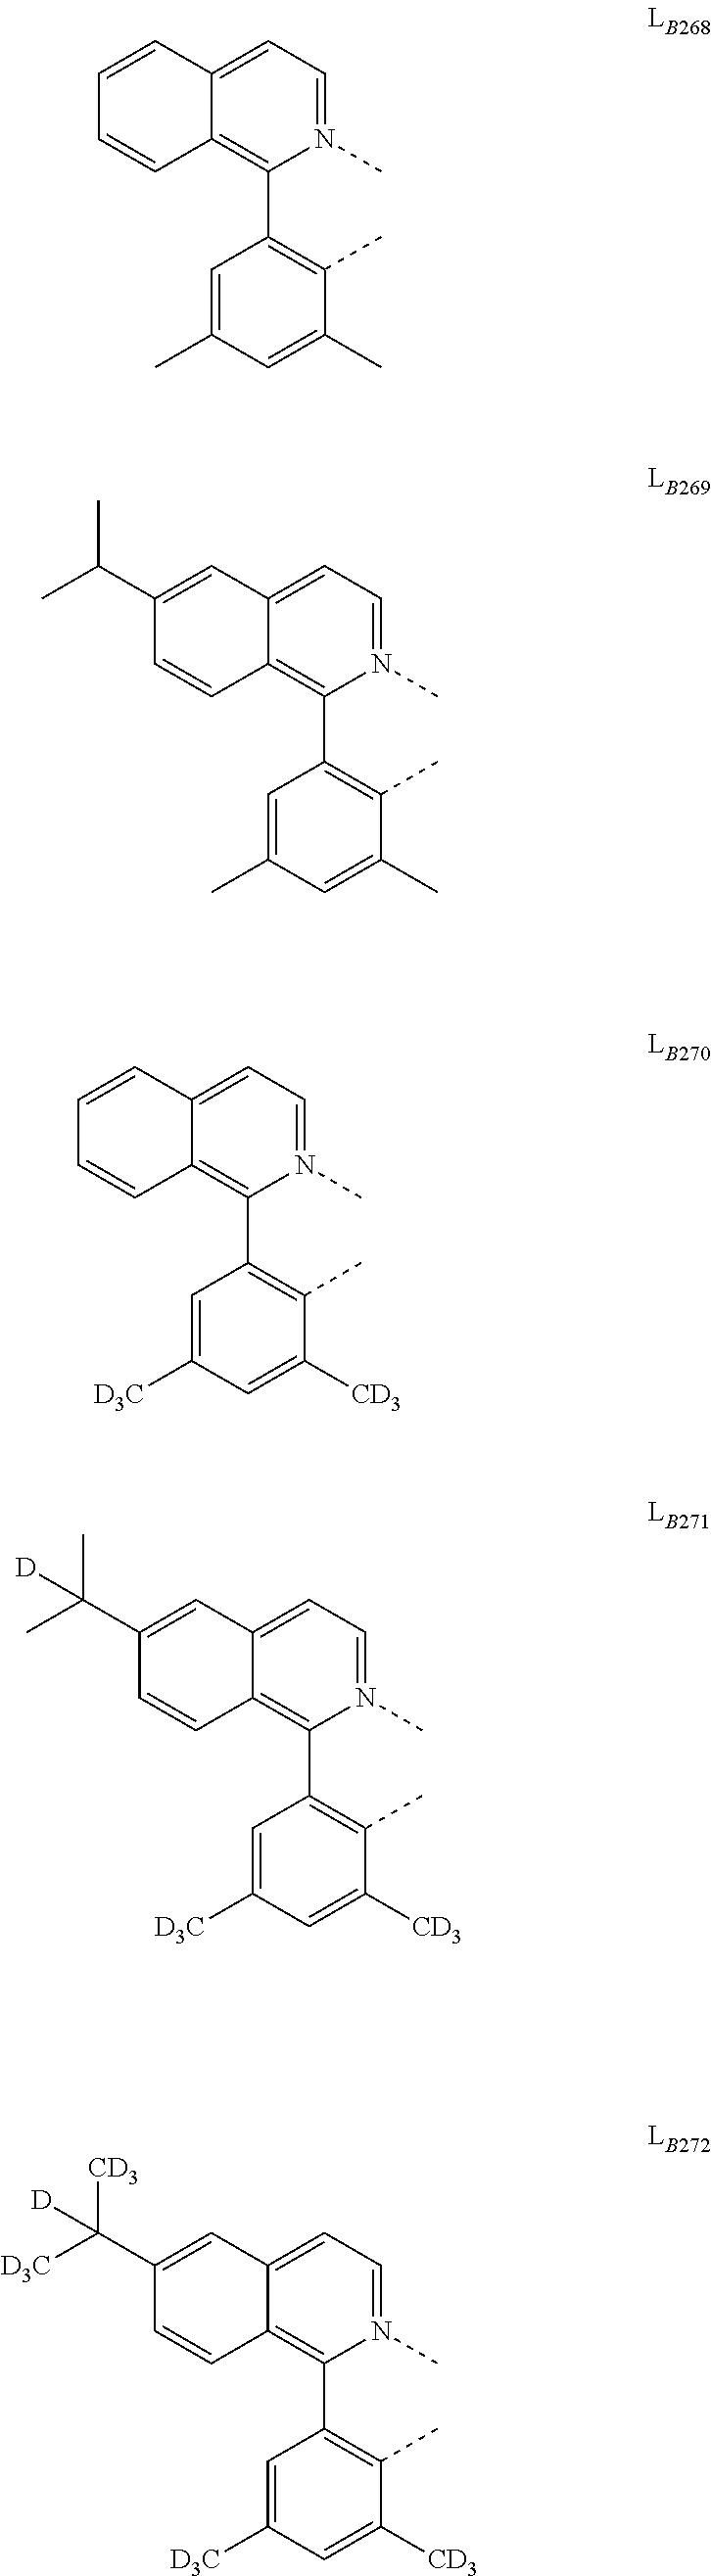 Figure US09929360-20180327-C00098